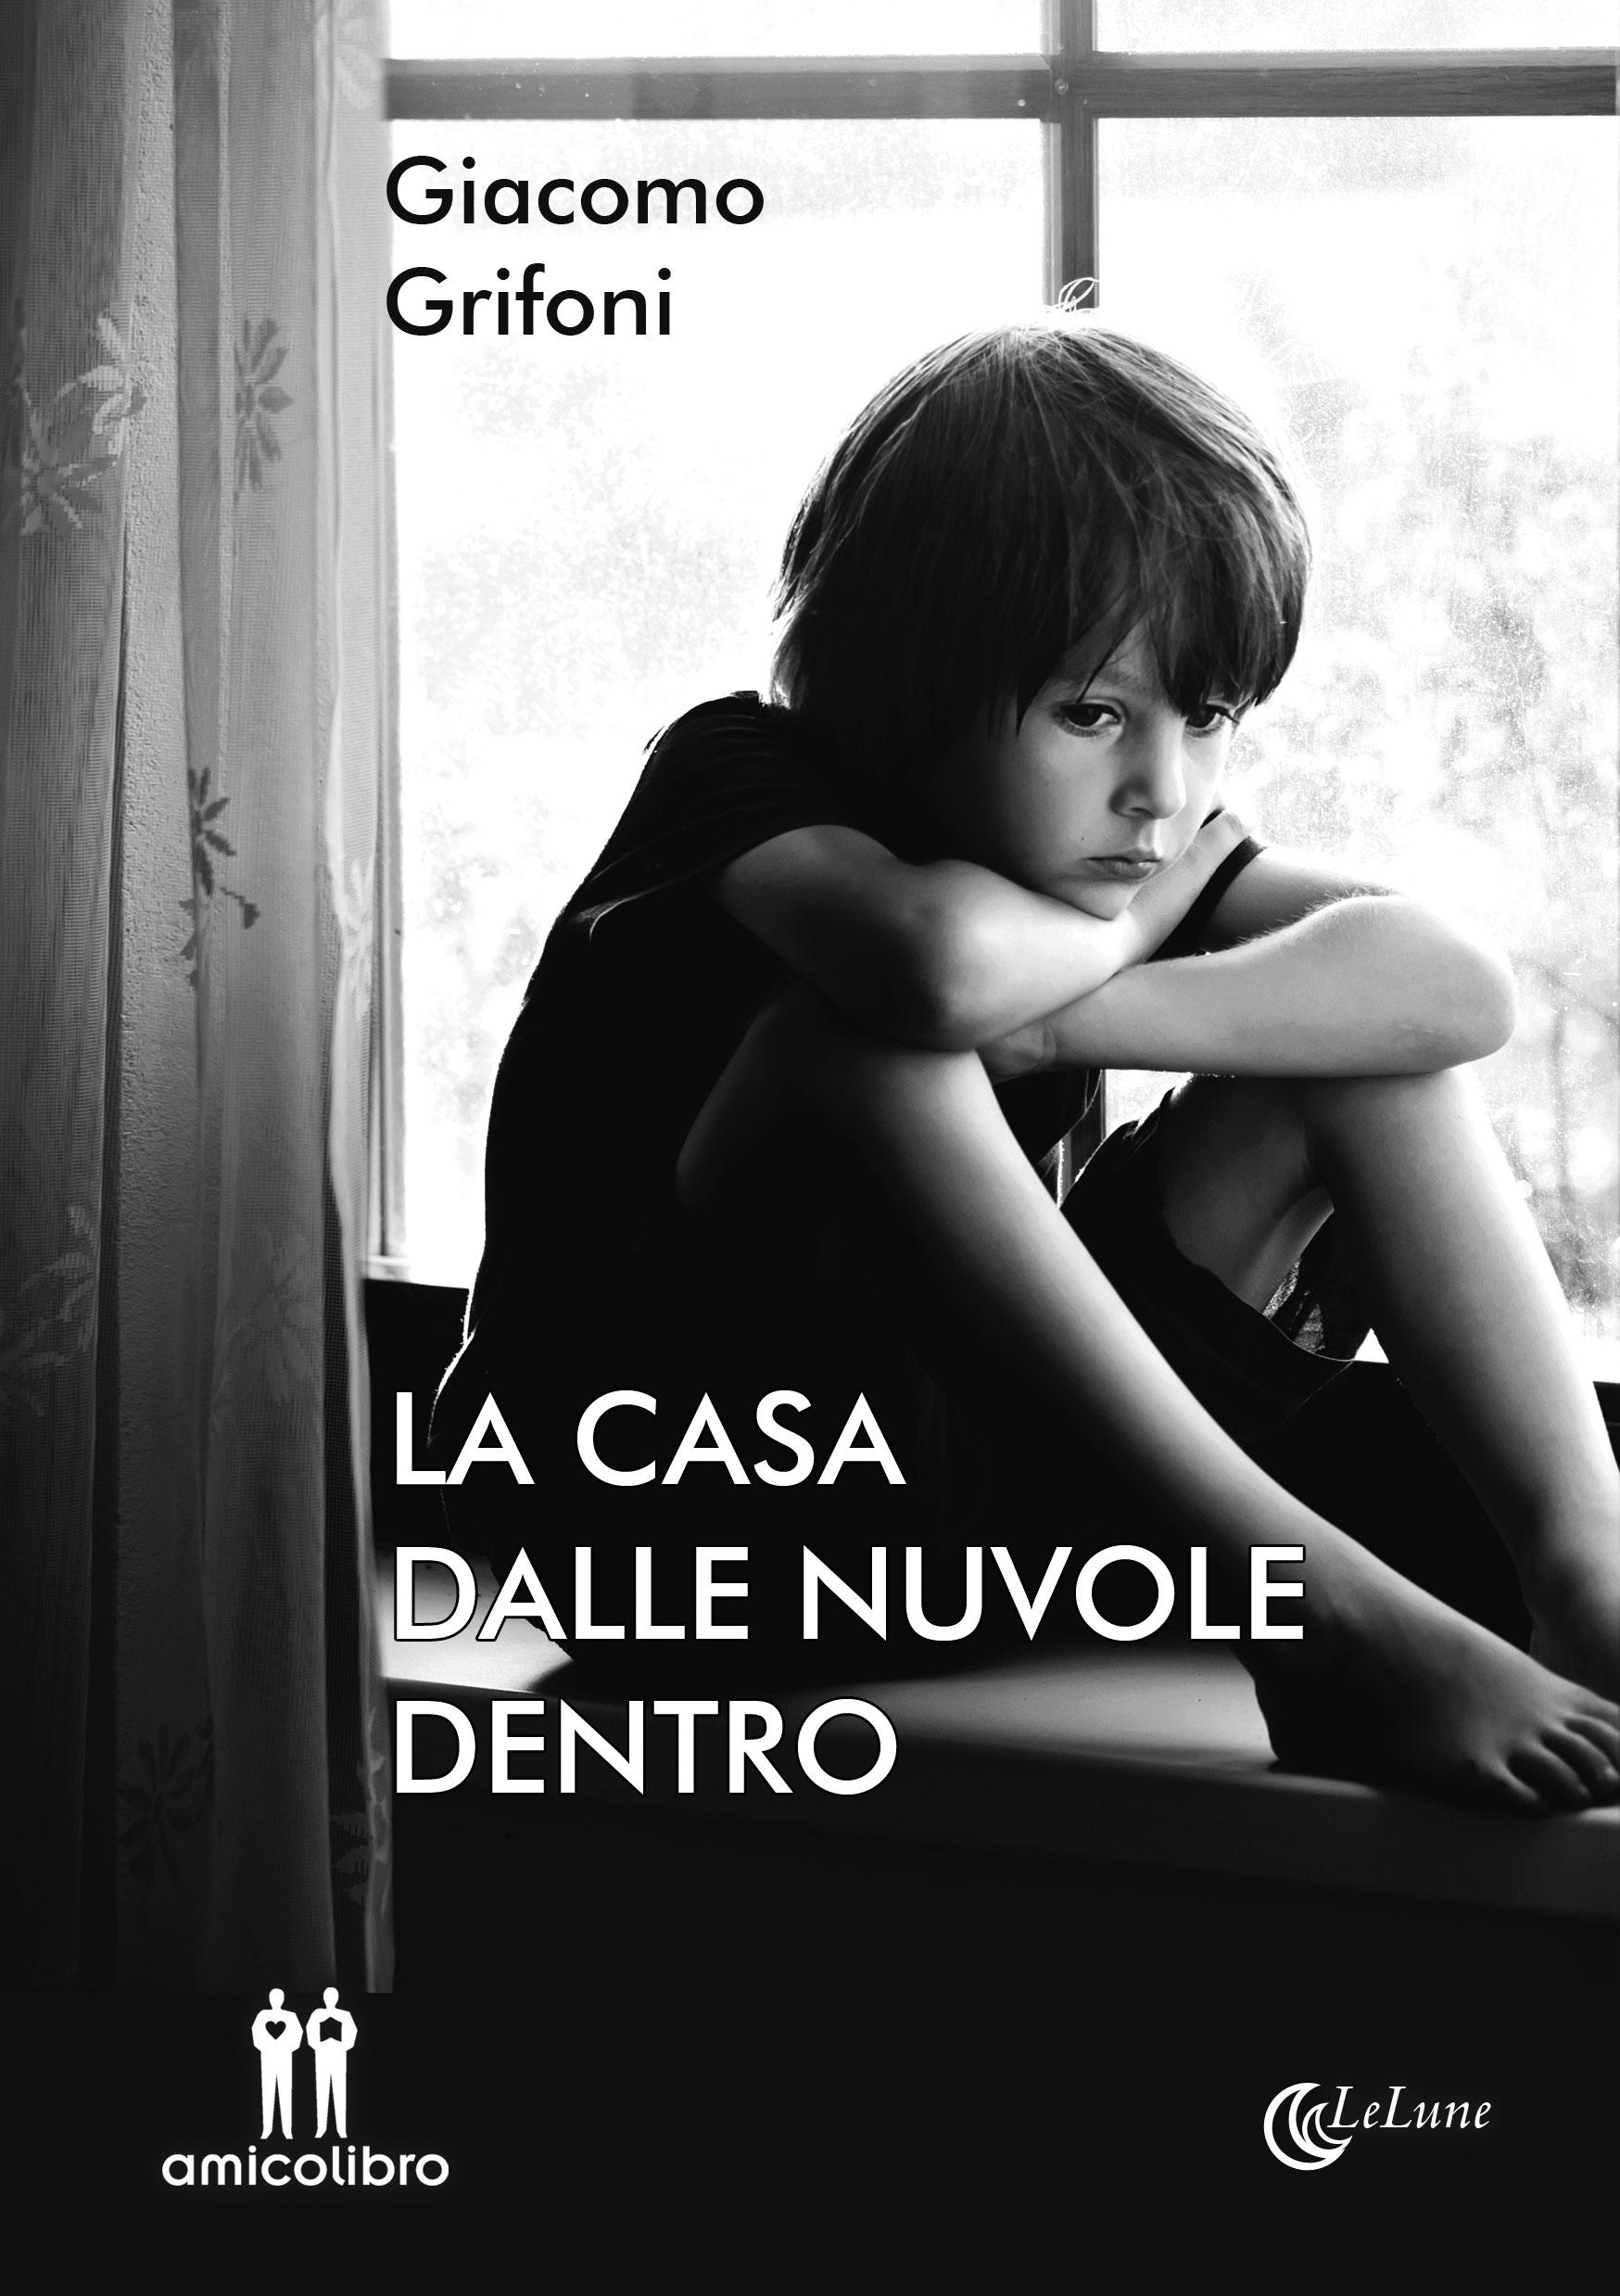 /pippo-bellone